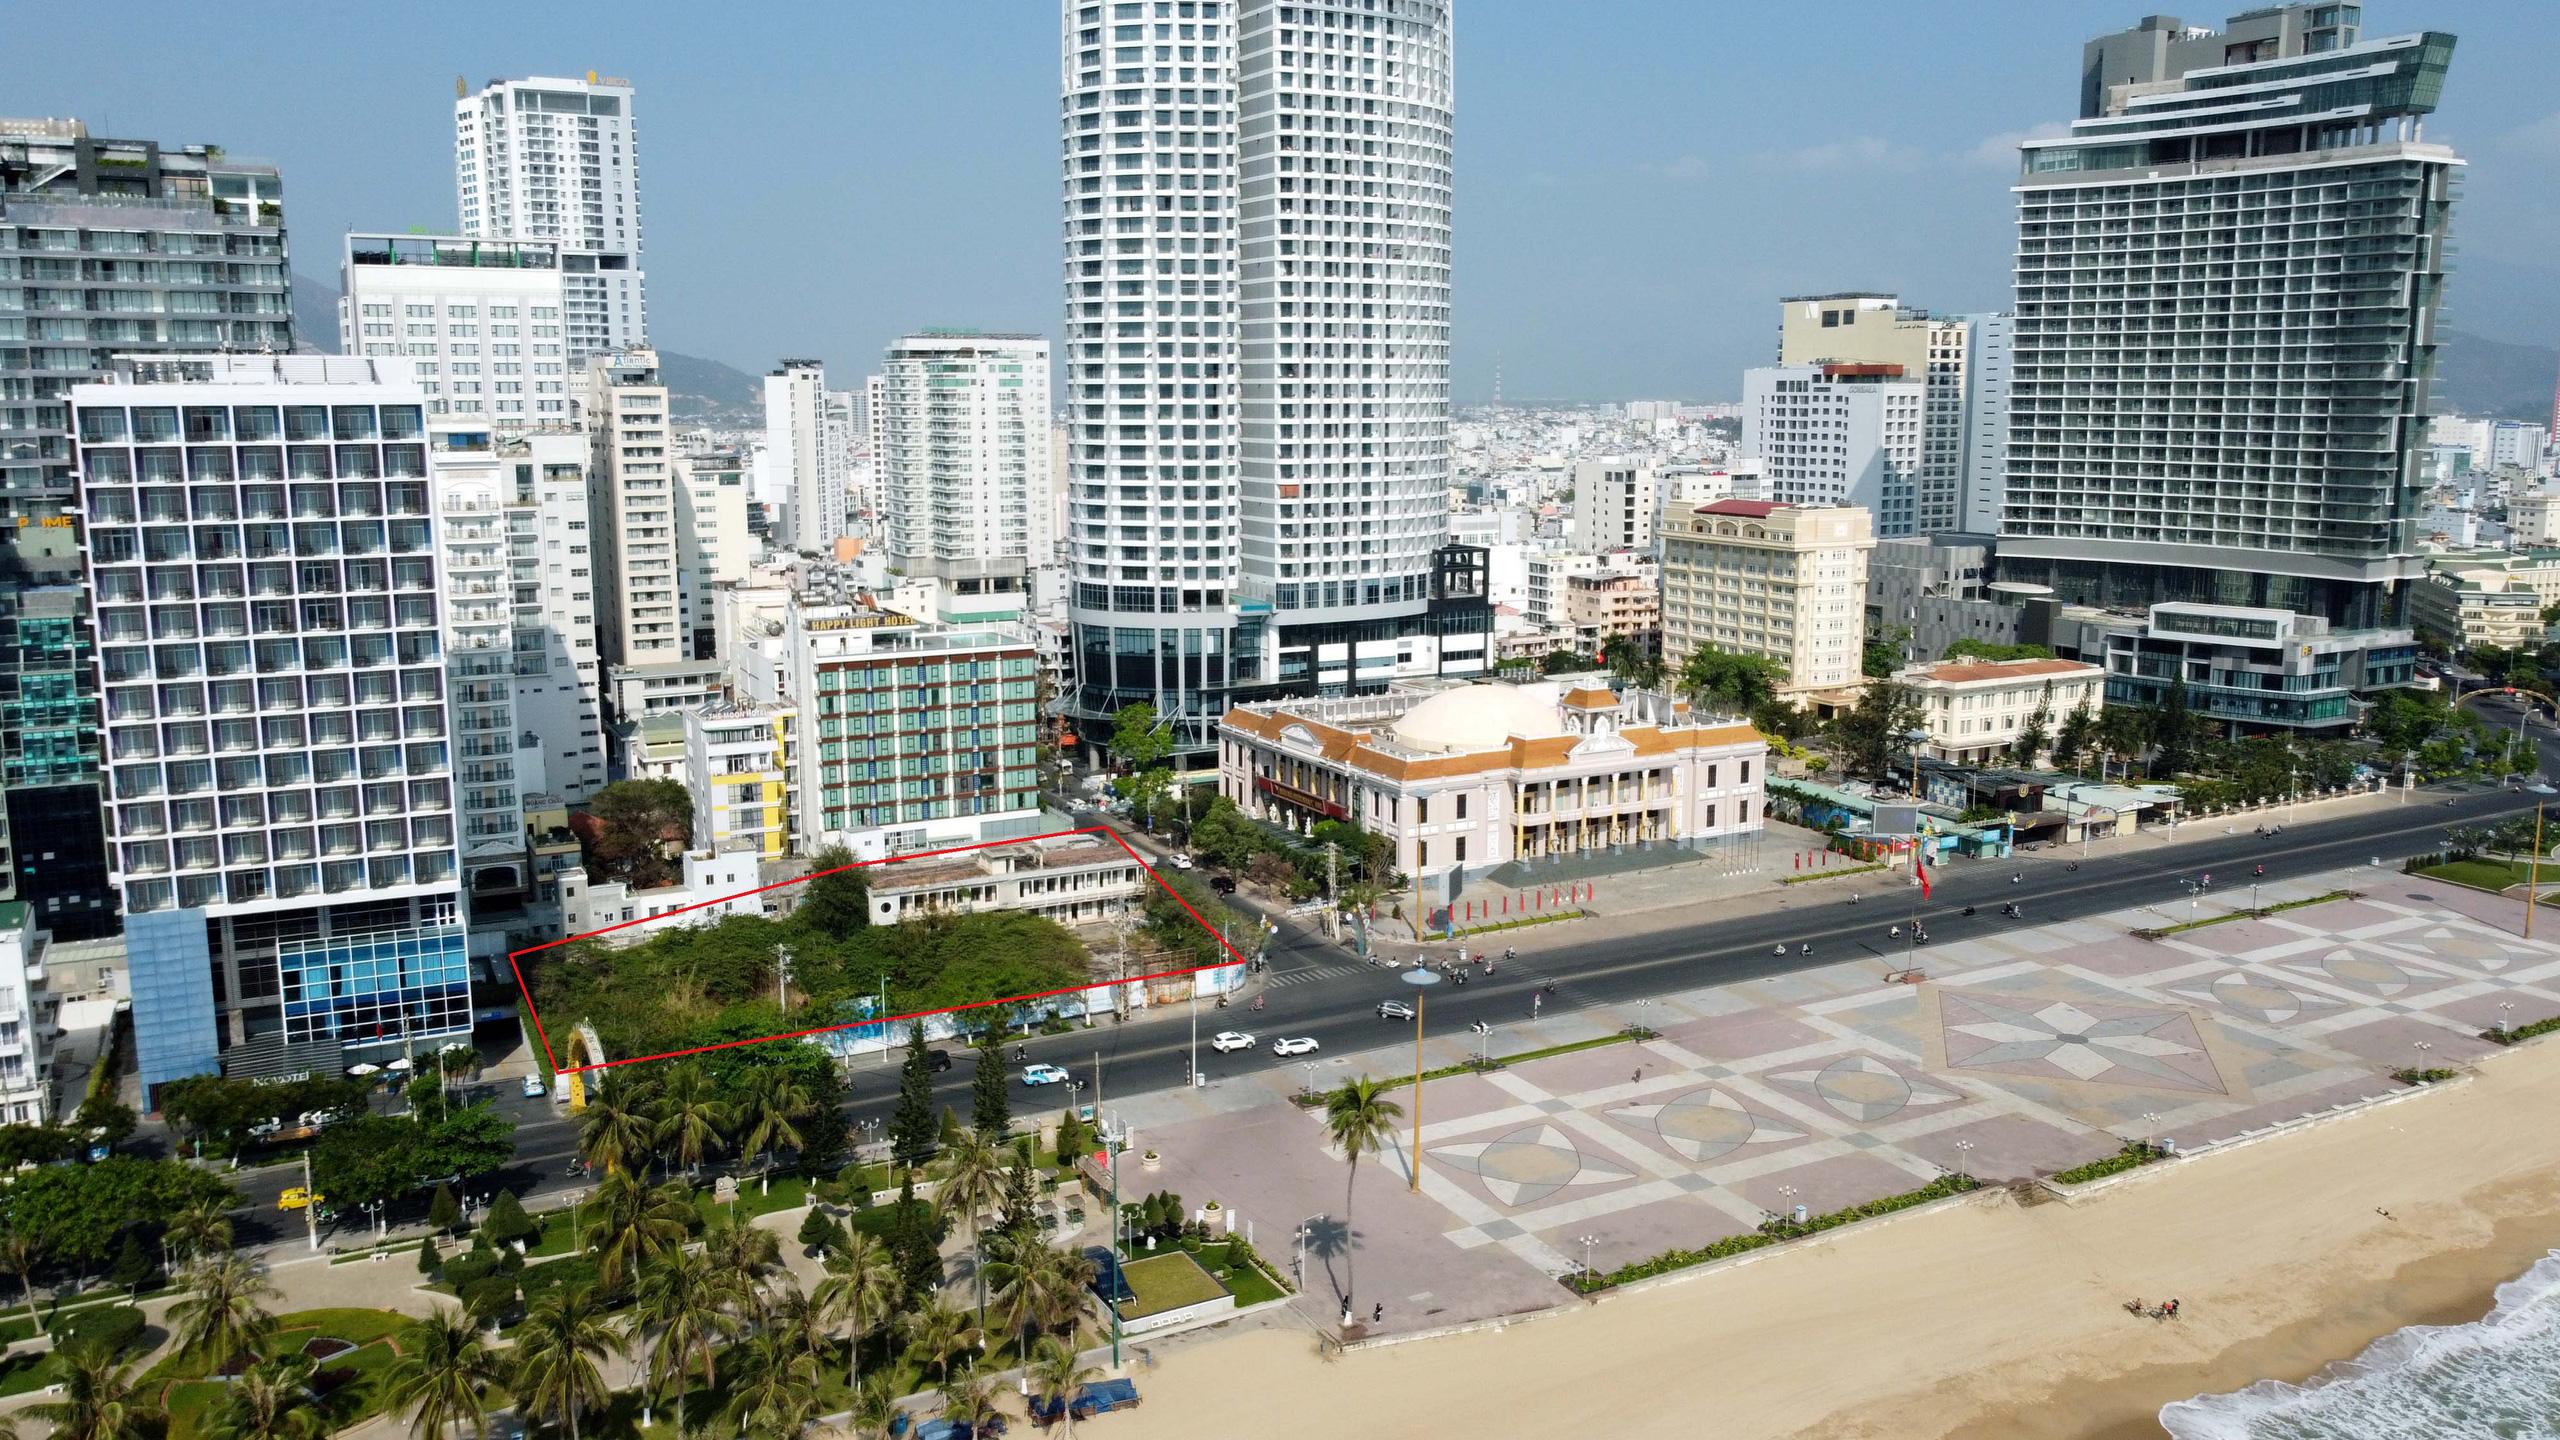 Hàng loạt dự án 'đất vàng' mặt tiền biển Nha Trang trở thành bãi hoang - Ảnh 2.